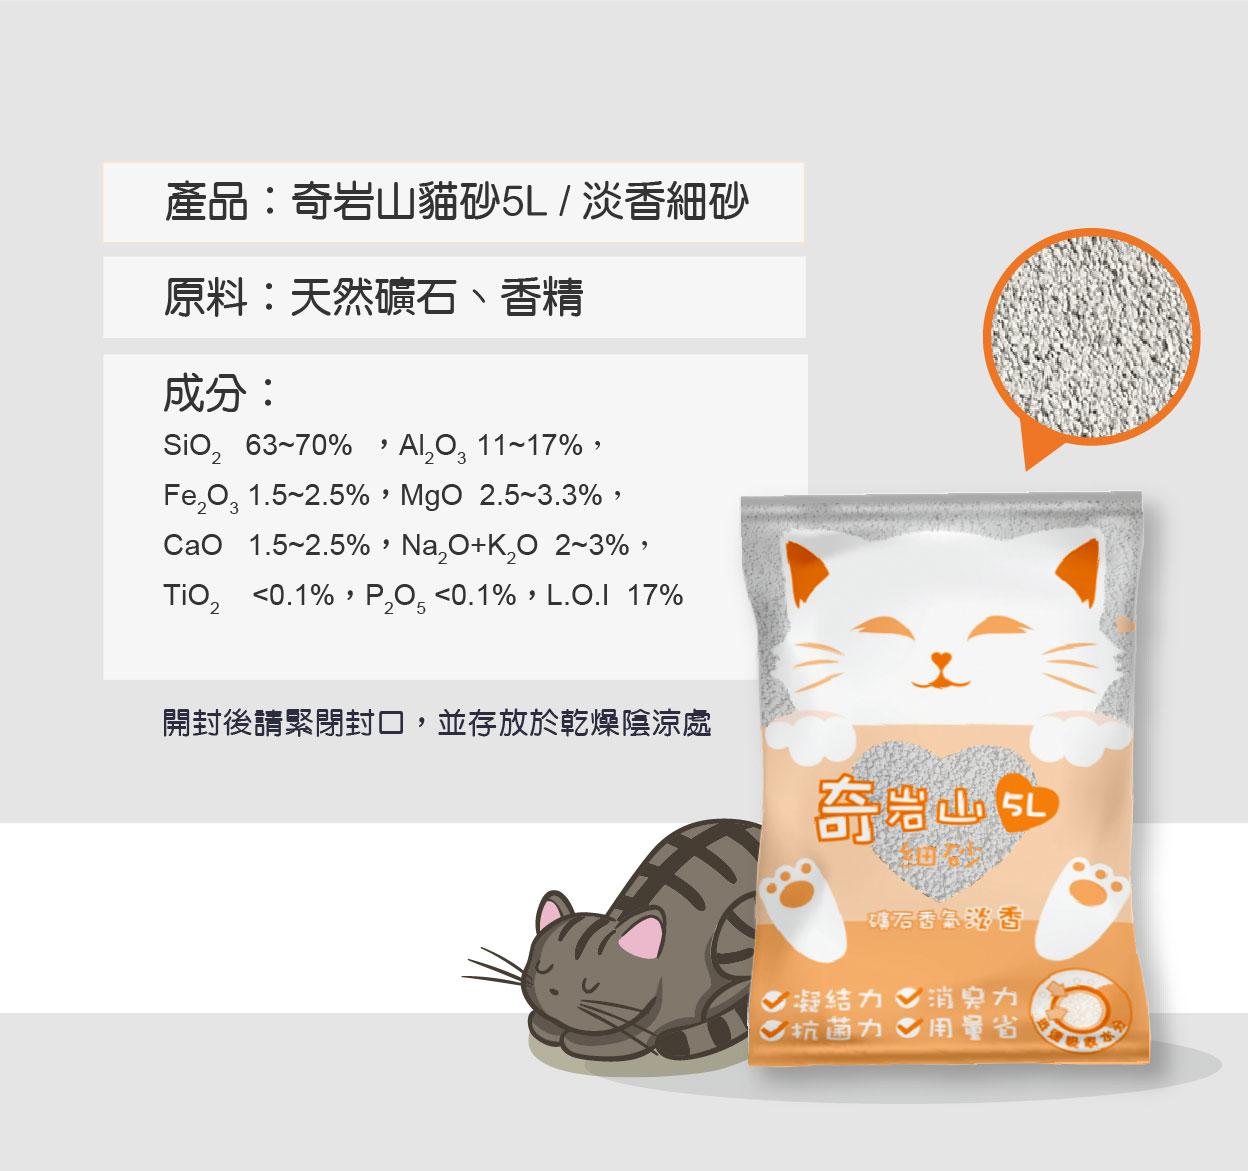 由天然礦石製成,抗菌且用量省,是寵愛貓咪的最佳選擇│全球寵物奇岩山淡香貓砂系列